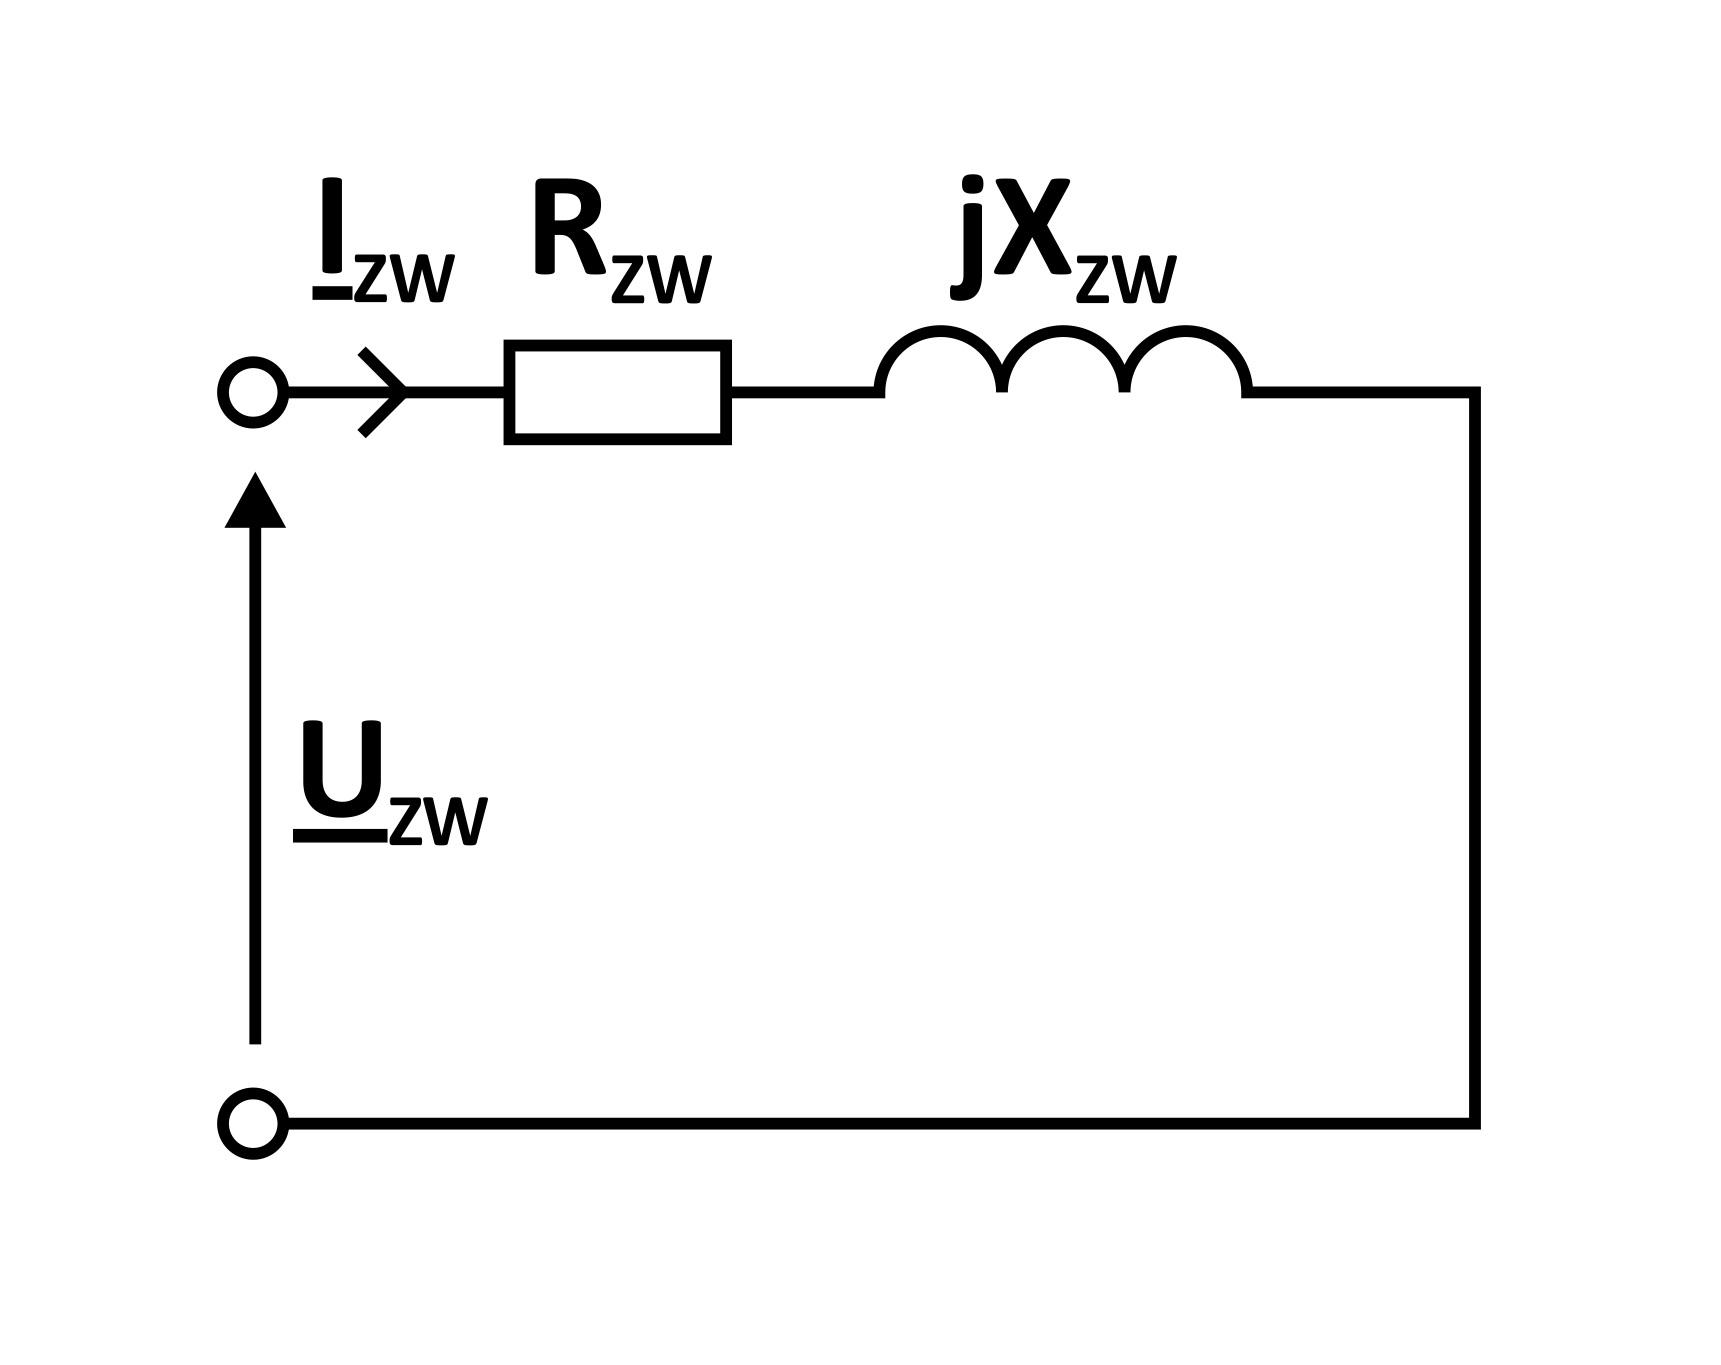 uproszczony schemat zastępczy stanu zwarcia pomiarowego transformatora